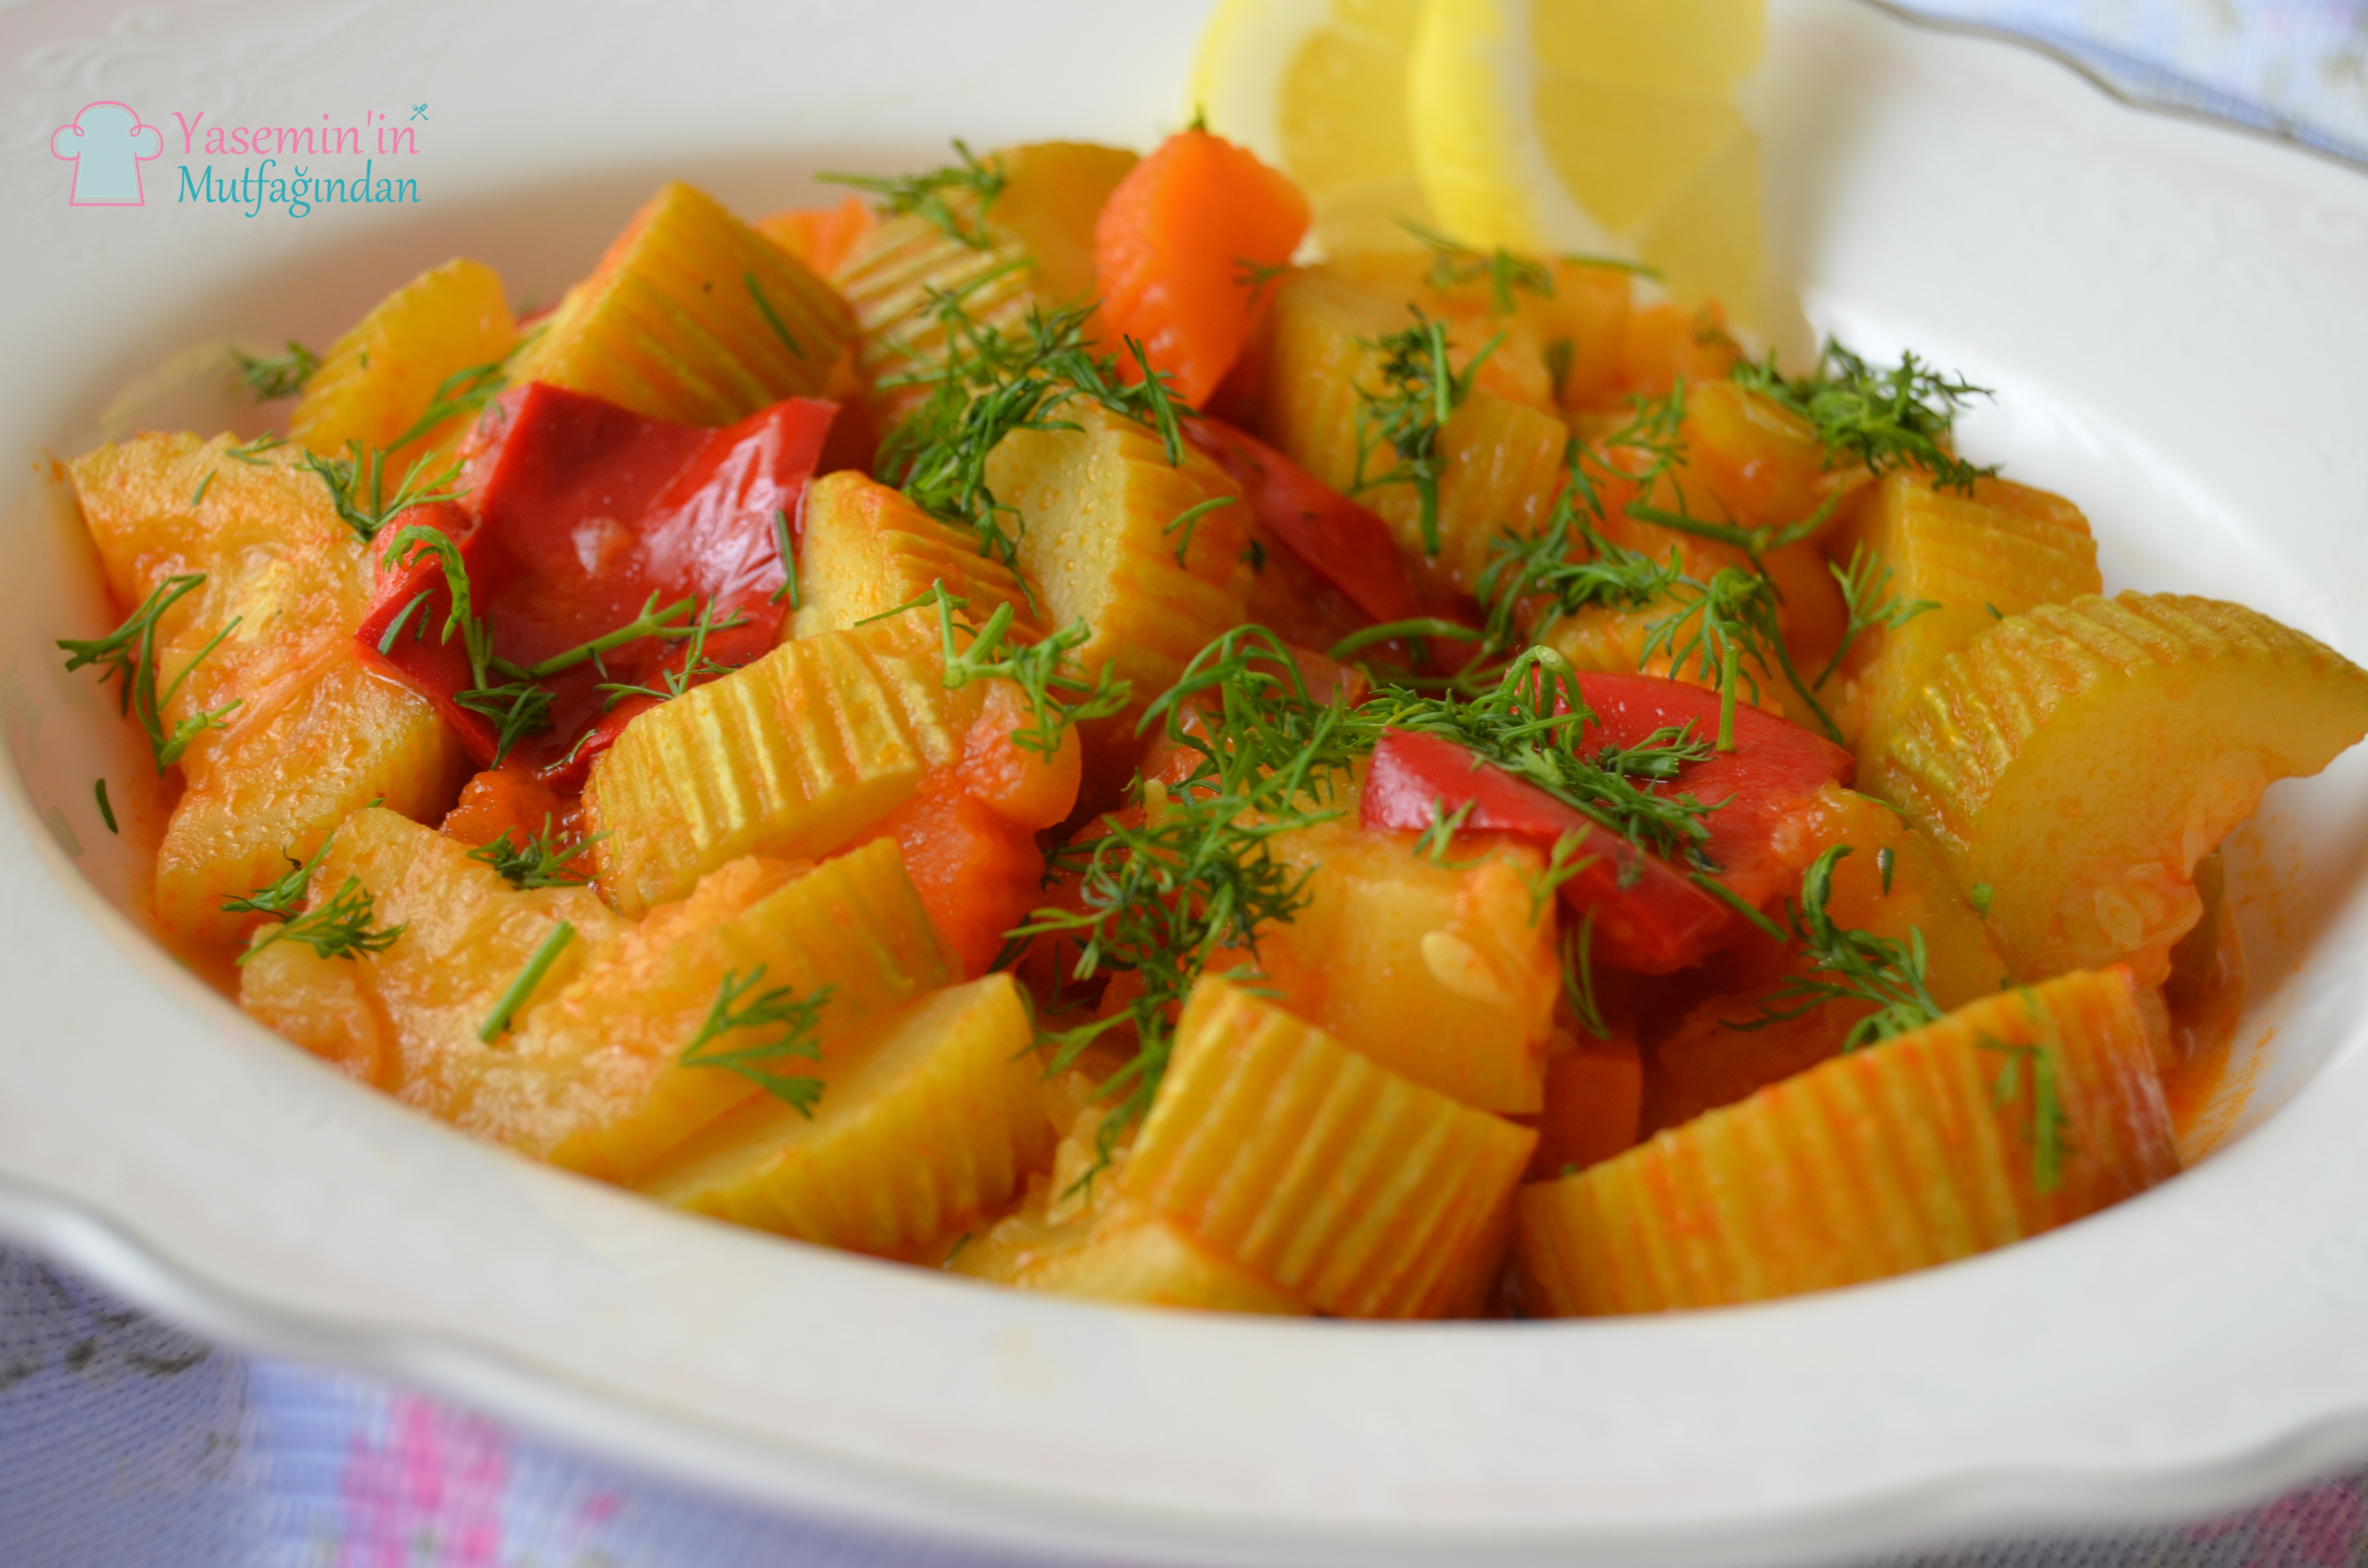 Güveç ile karabuğday, basit ve hızlı bir yemek için bir reçete Ve ayrıca etli diğer buğday tarifleri 26